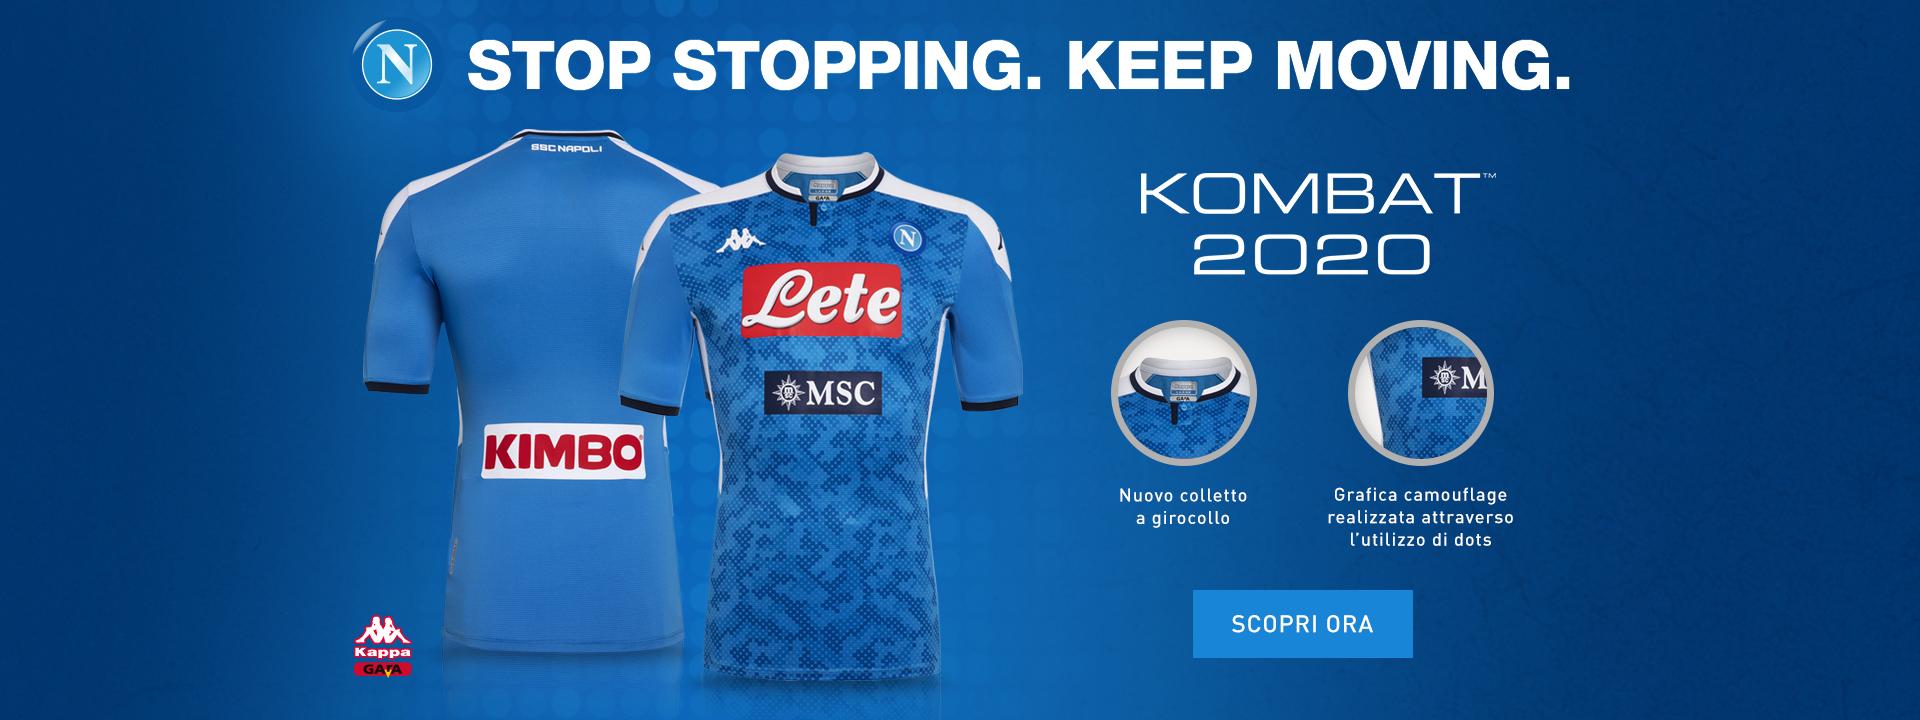 f3c78ee0d Store Ufficiale SSC Napoli   Prodotti e articoli Napoli, kit gara ...